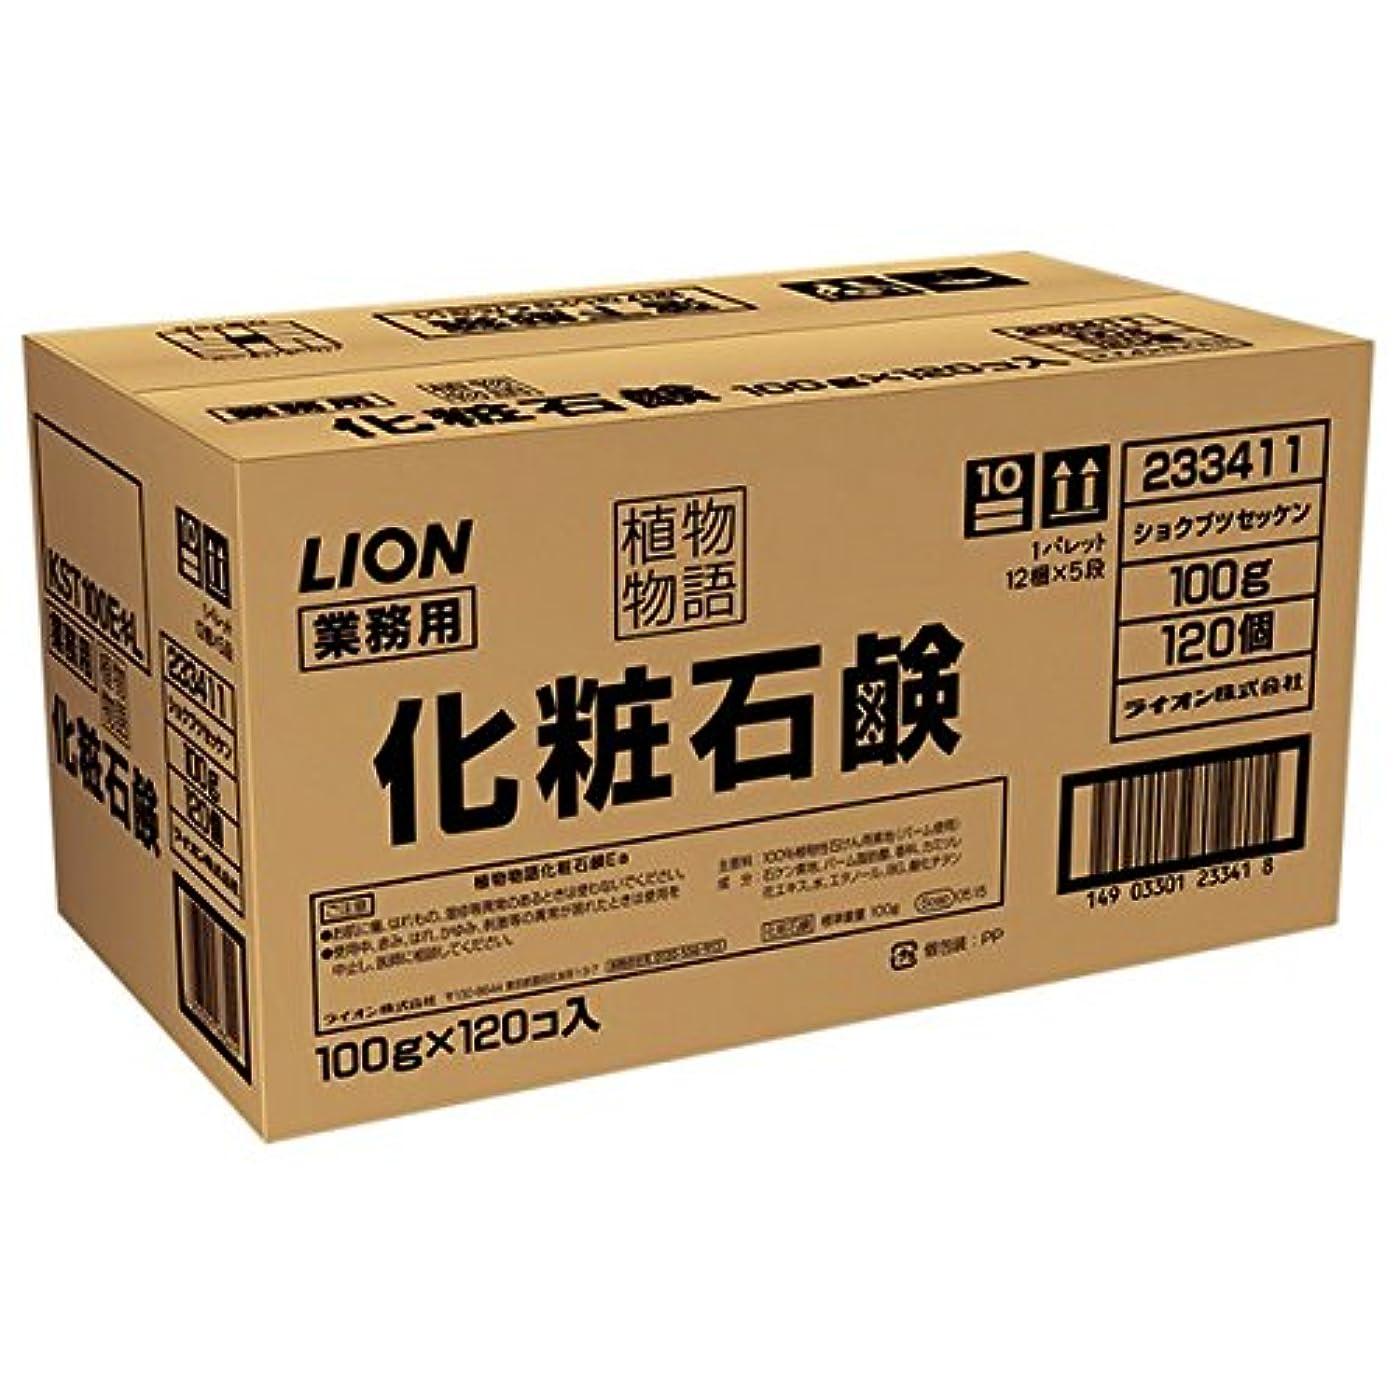 一掃する失業者反動ライオン 植物物語 化粧石鹸 業務用 100g 1箱(120個)